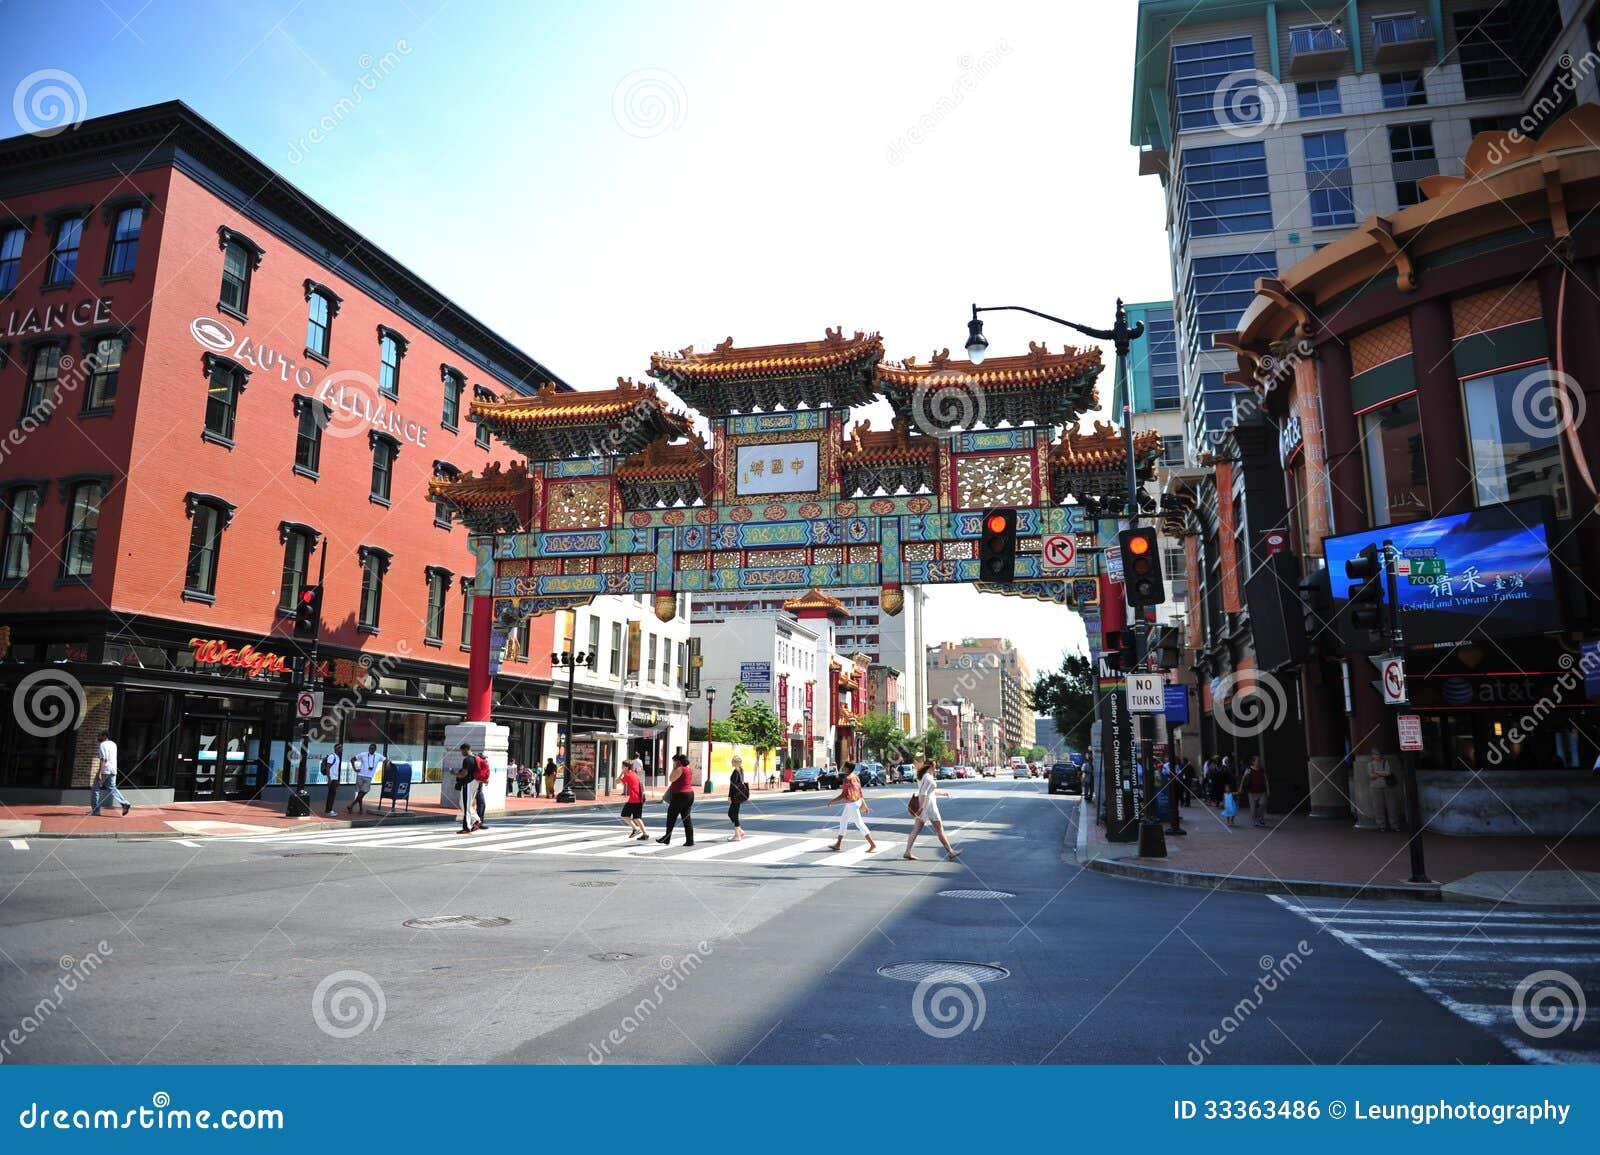 Chinese Food Chinatown Dc